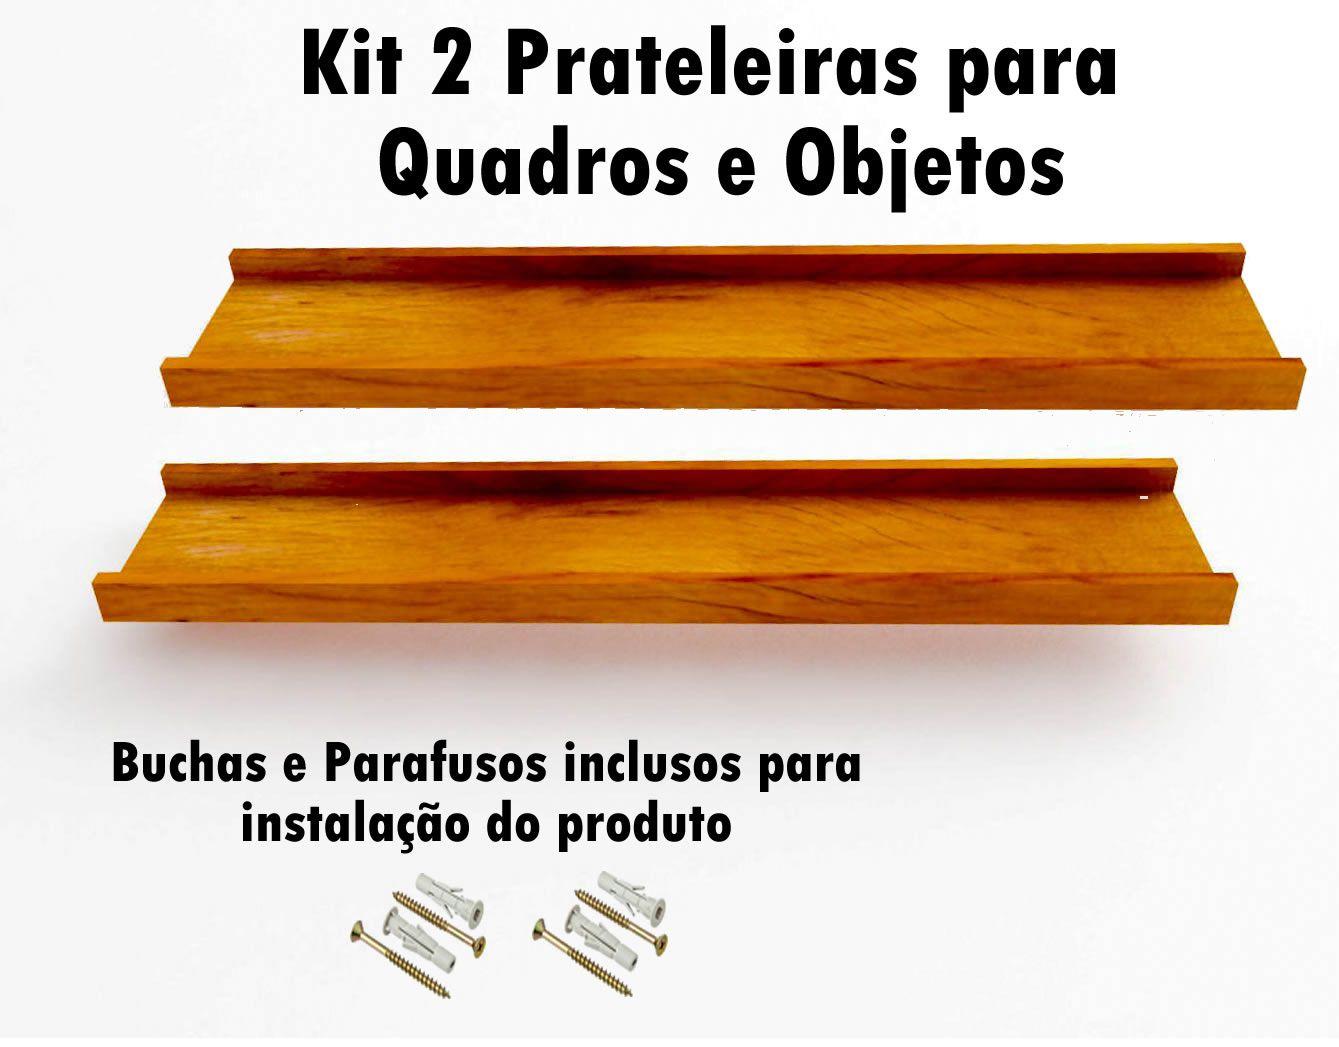 Kit 2 Prateleira em Madeira De Demolição para Quadros medindo 90x15x4